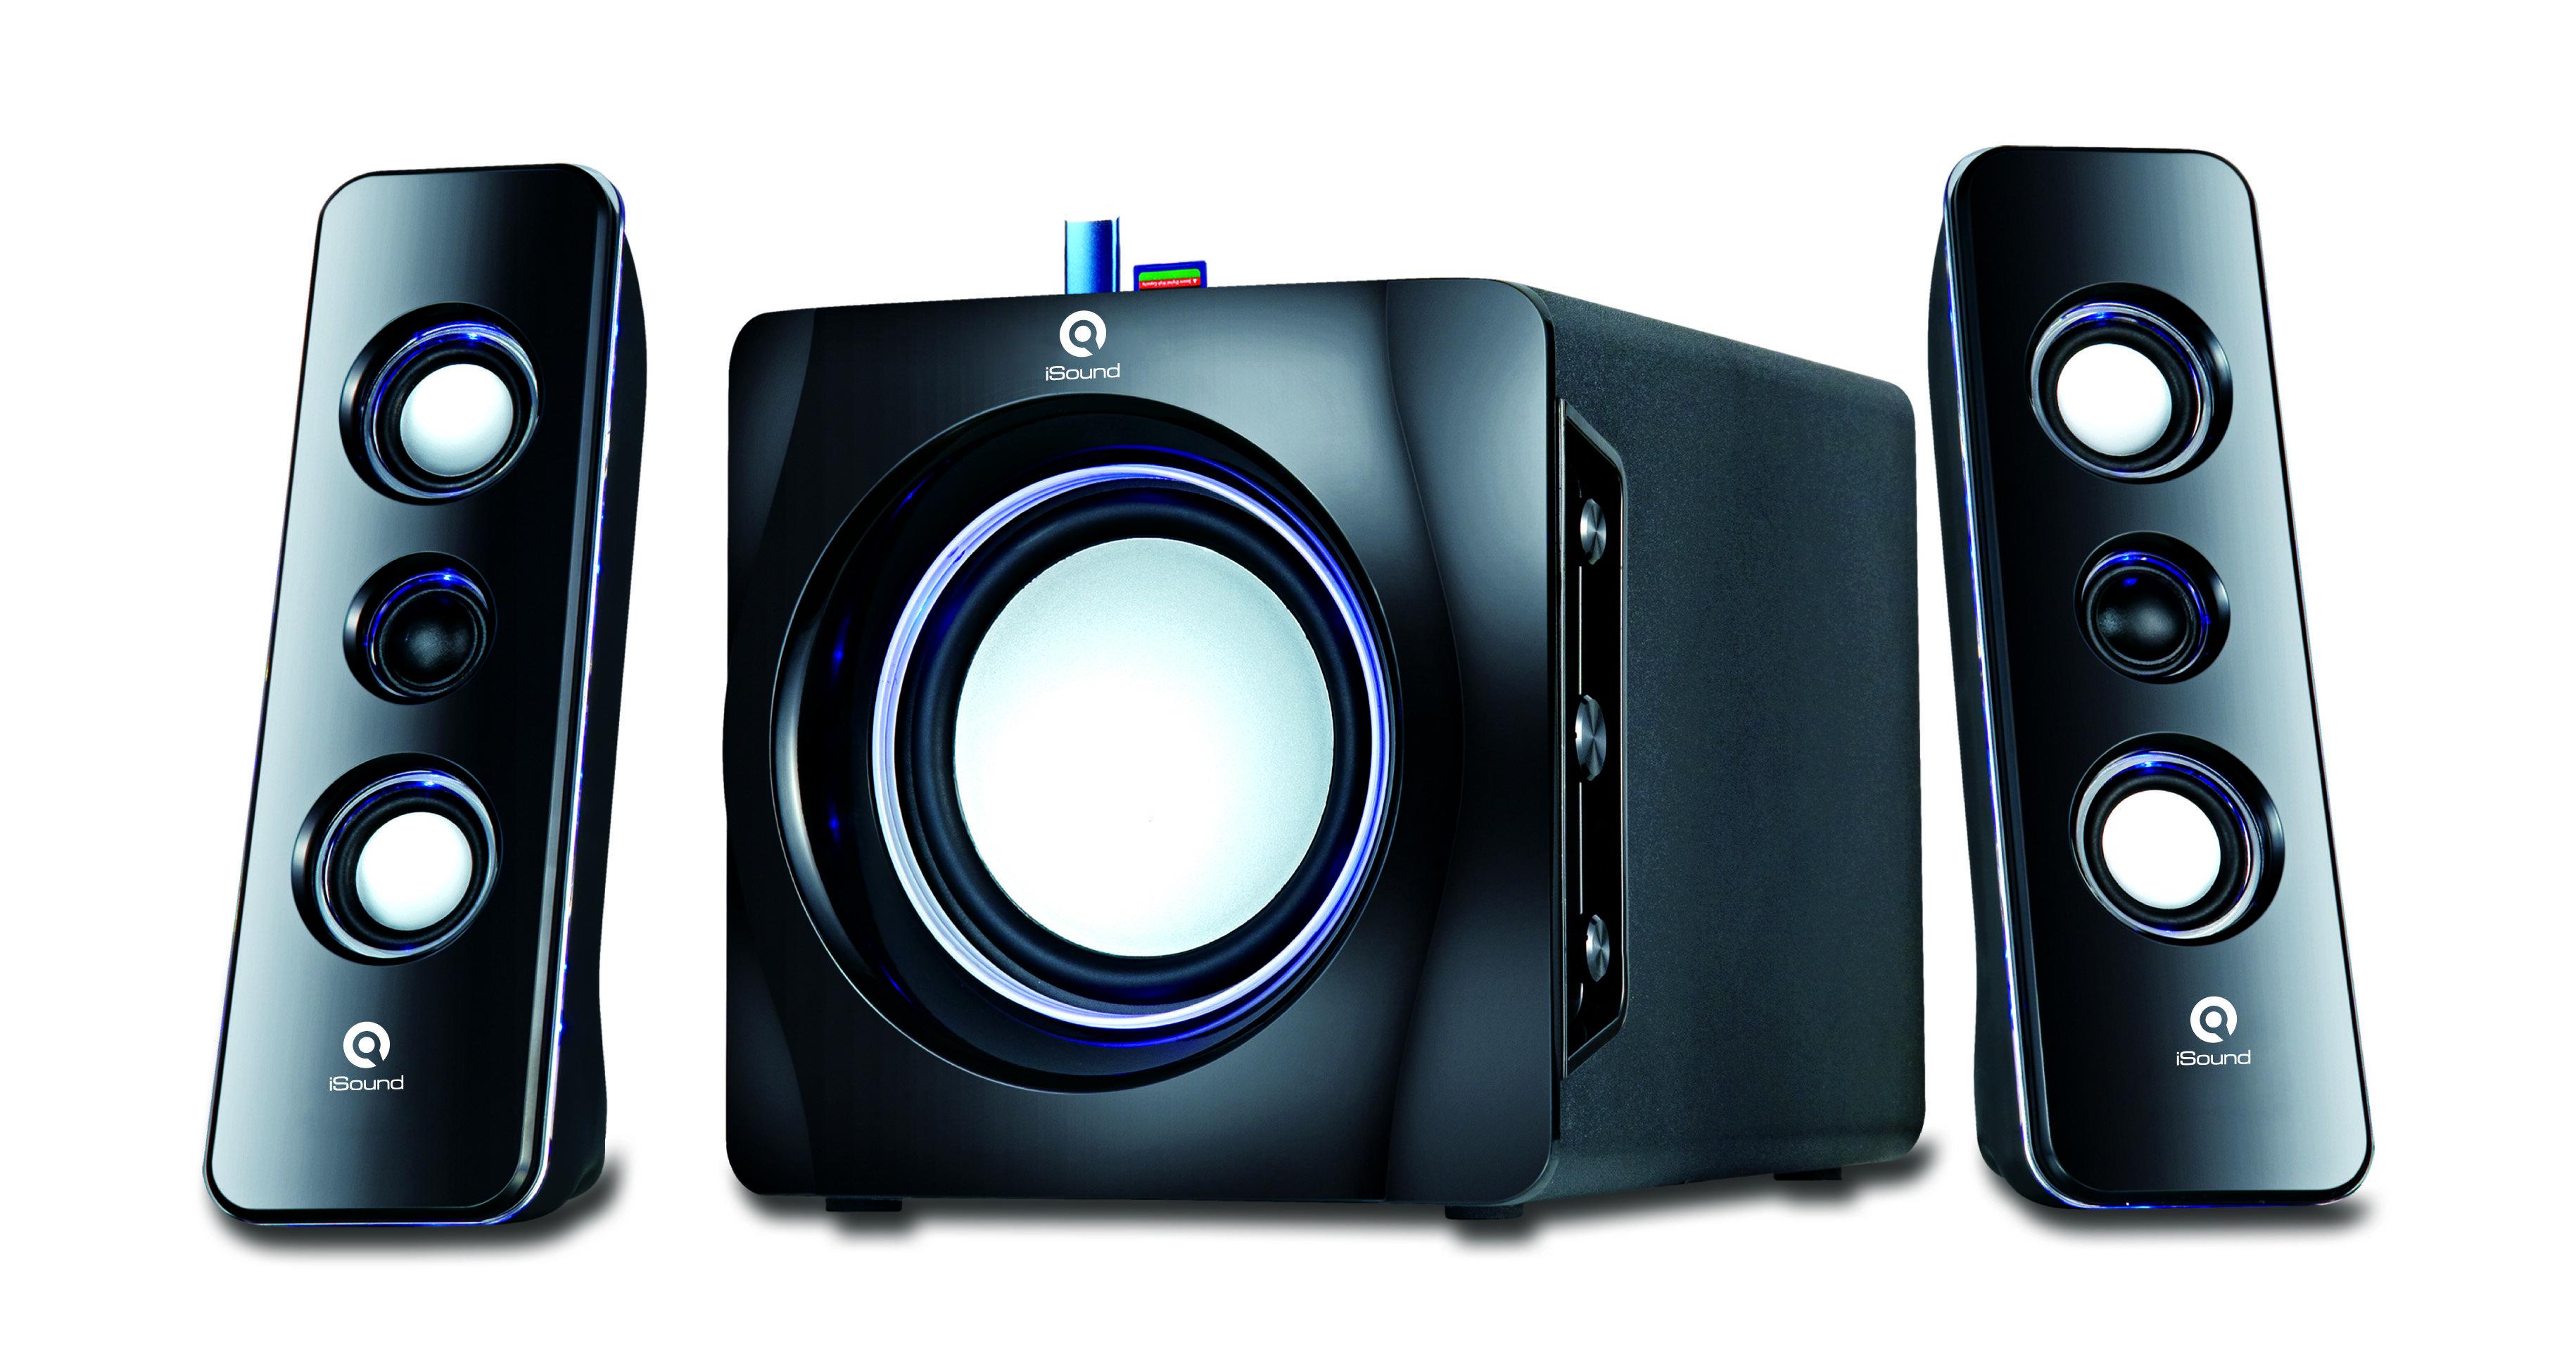 Nơi bán Loa Bluetooth iSound SP18 - 2.1 giá rẻ nhất tháng 05/2021